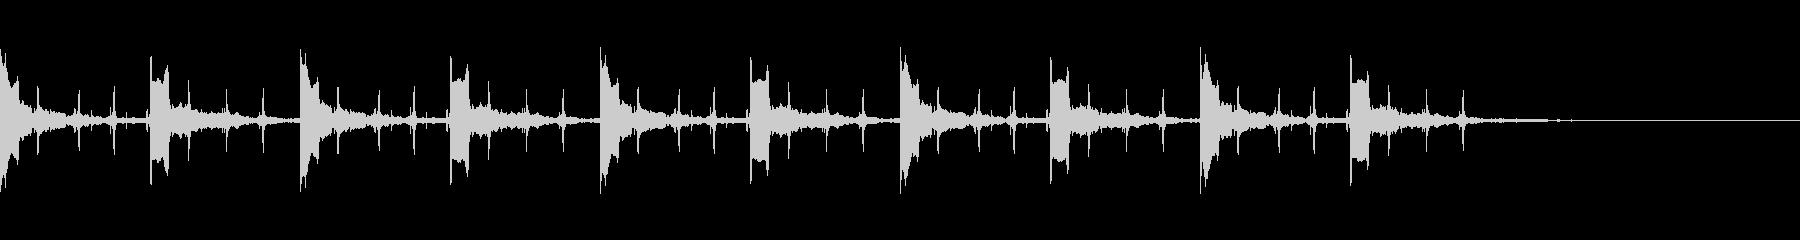 カウント10秒 ピッピ+秒針の未再生の波形